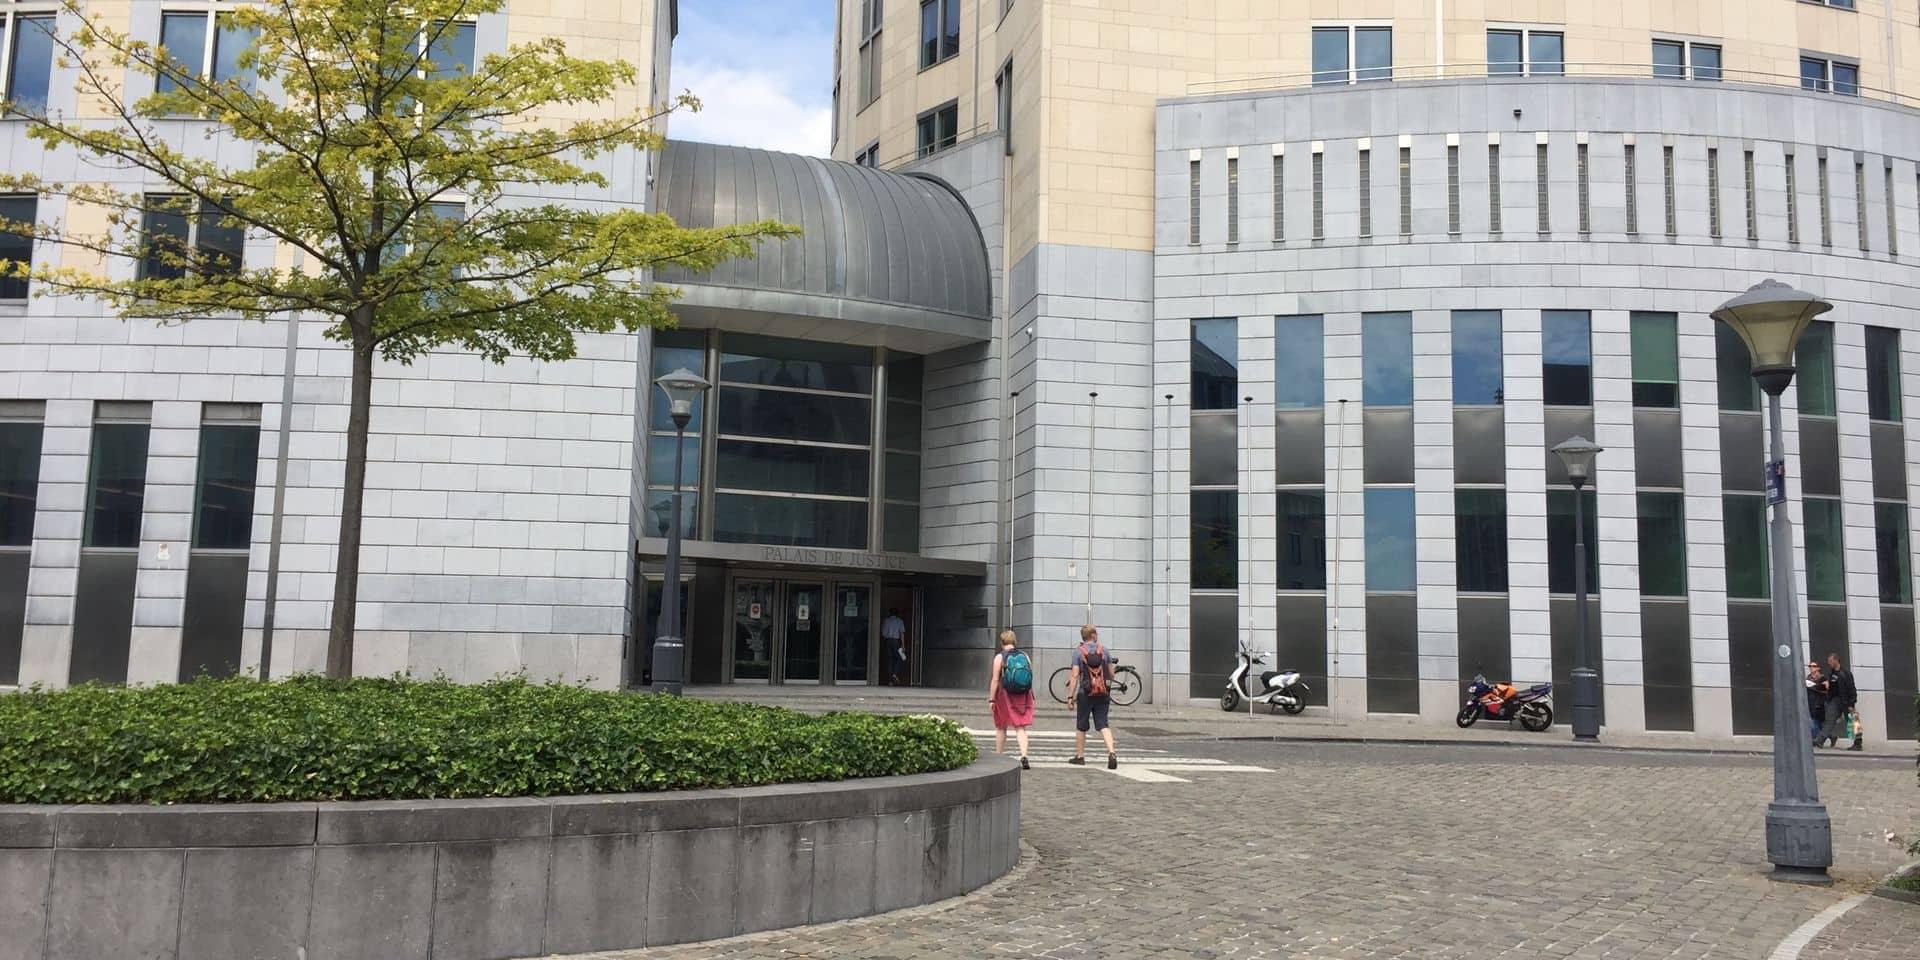 Liège : Il admet qu'on lui donne 500 euros pour voler des câbles